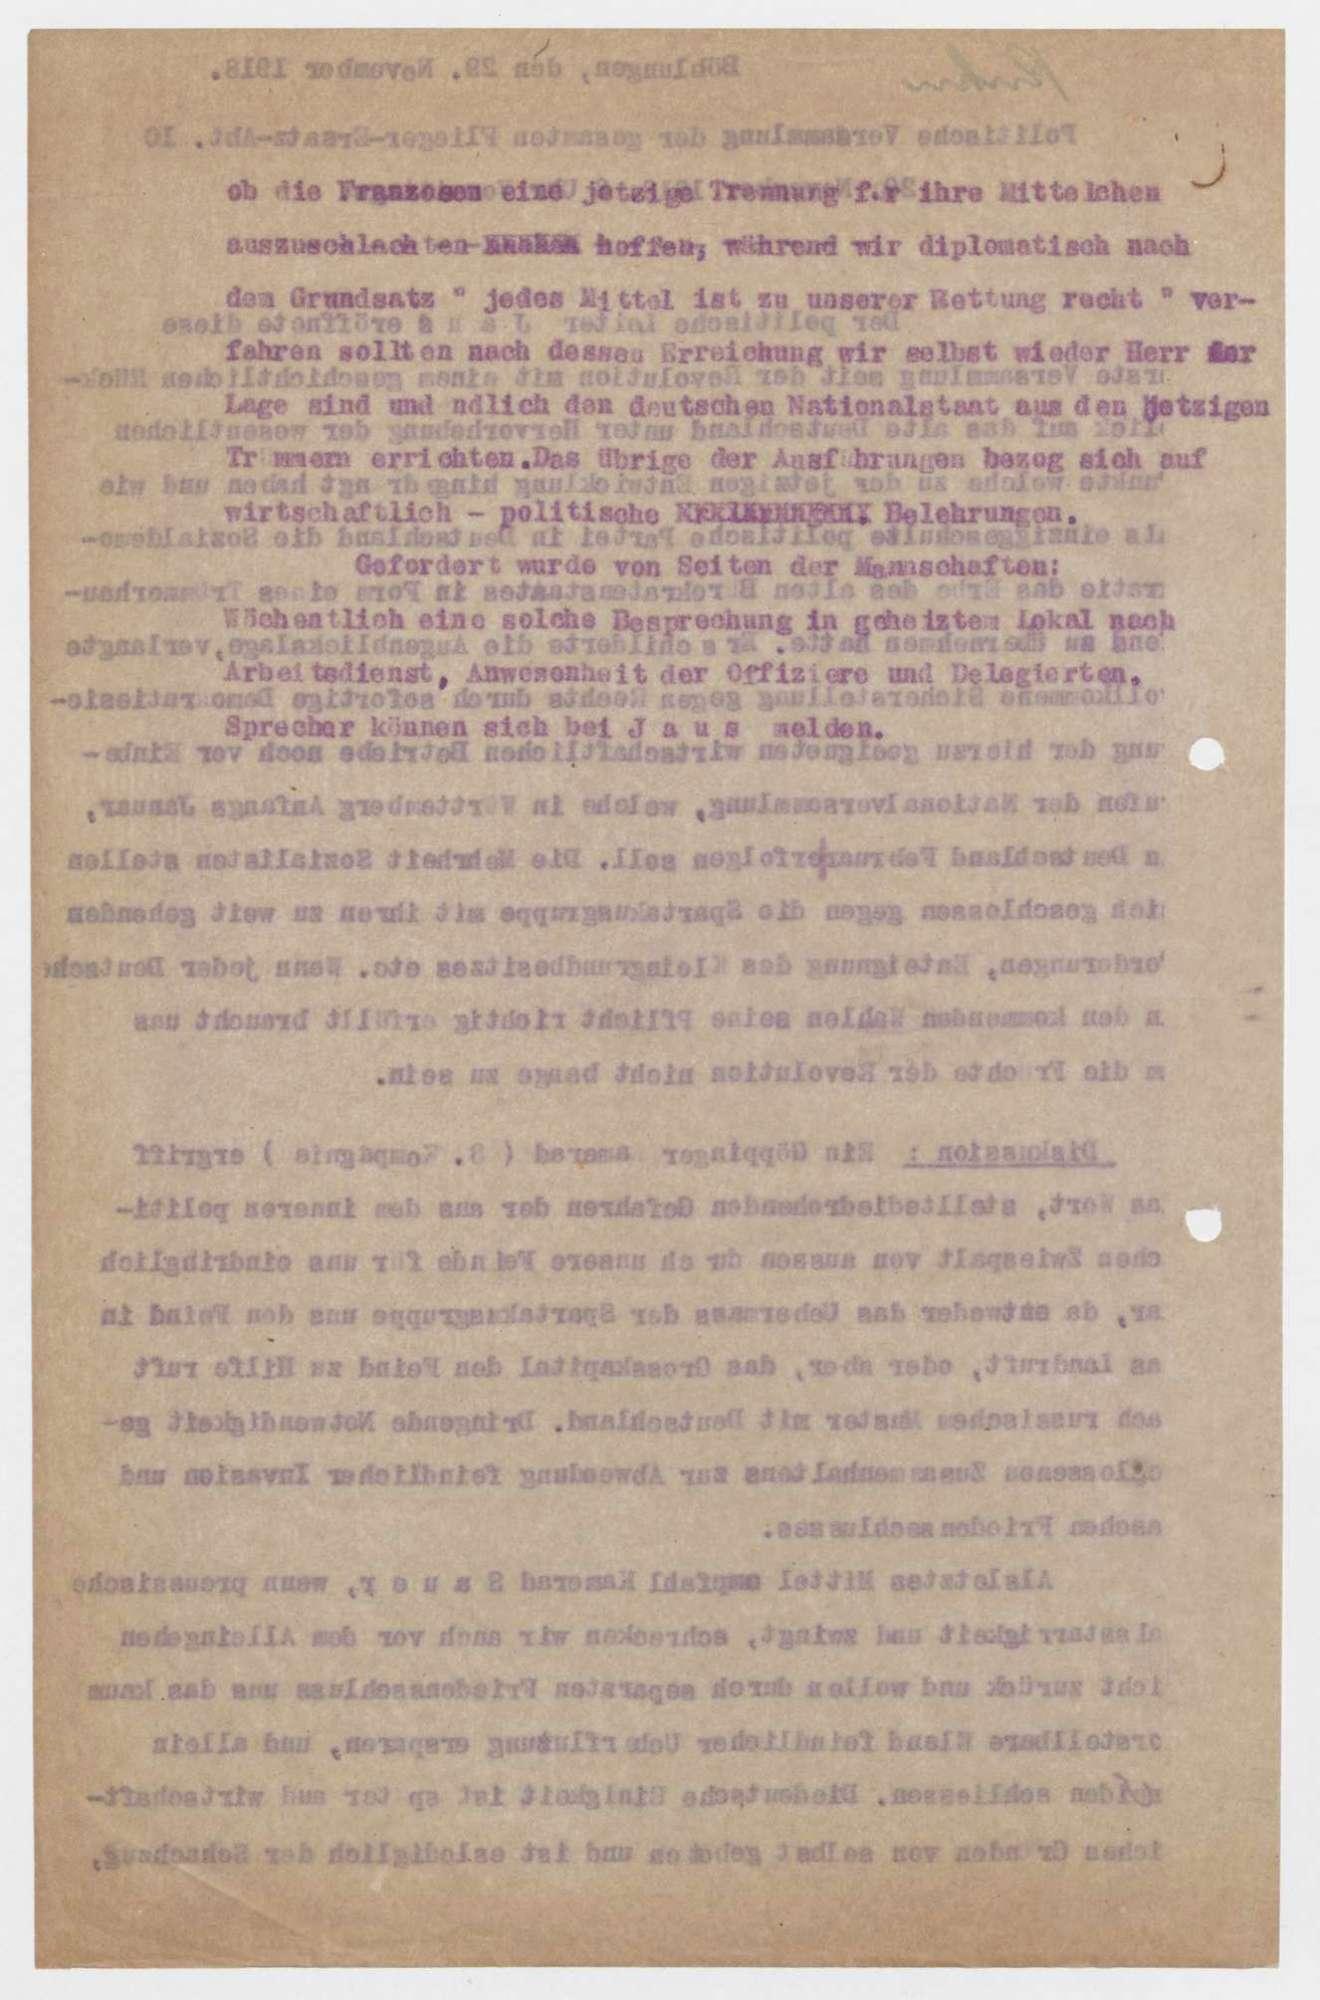 Einladung und Protokoll zu politischen Versammlungen der Flieger-Ersatz-Abteilung 10, Bild 3